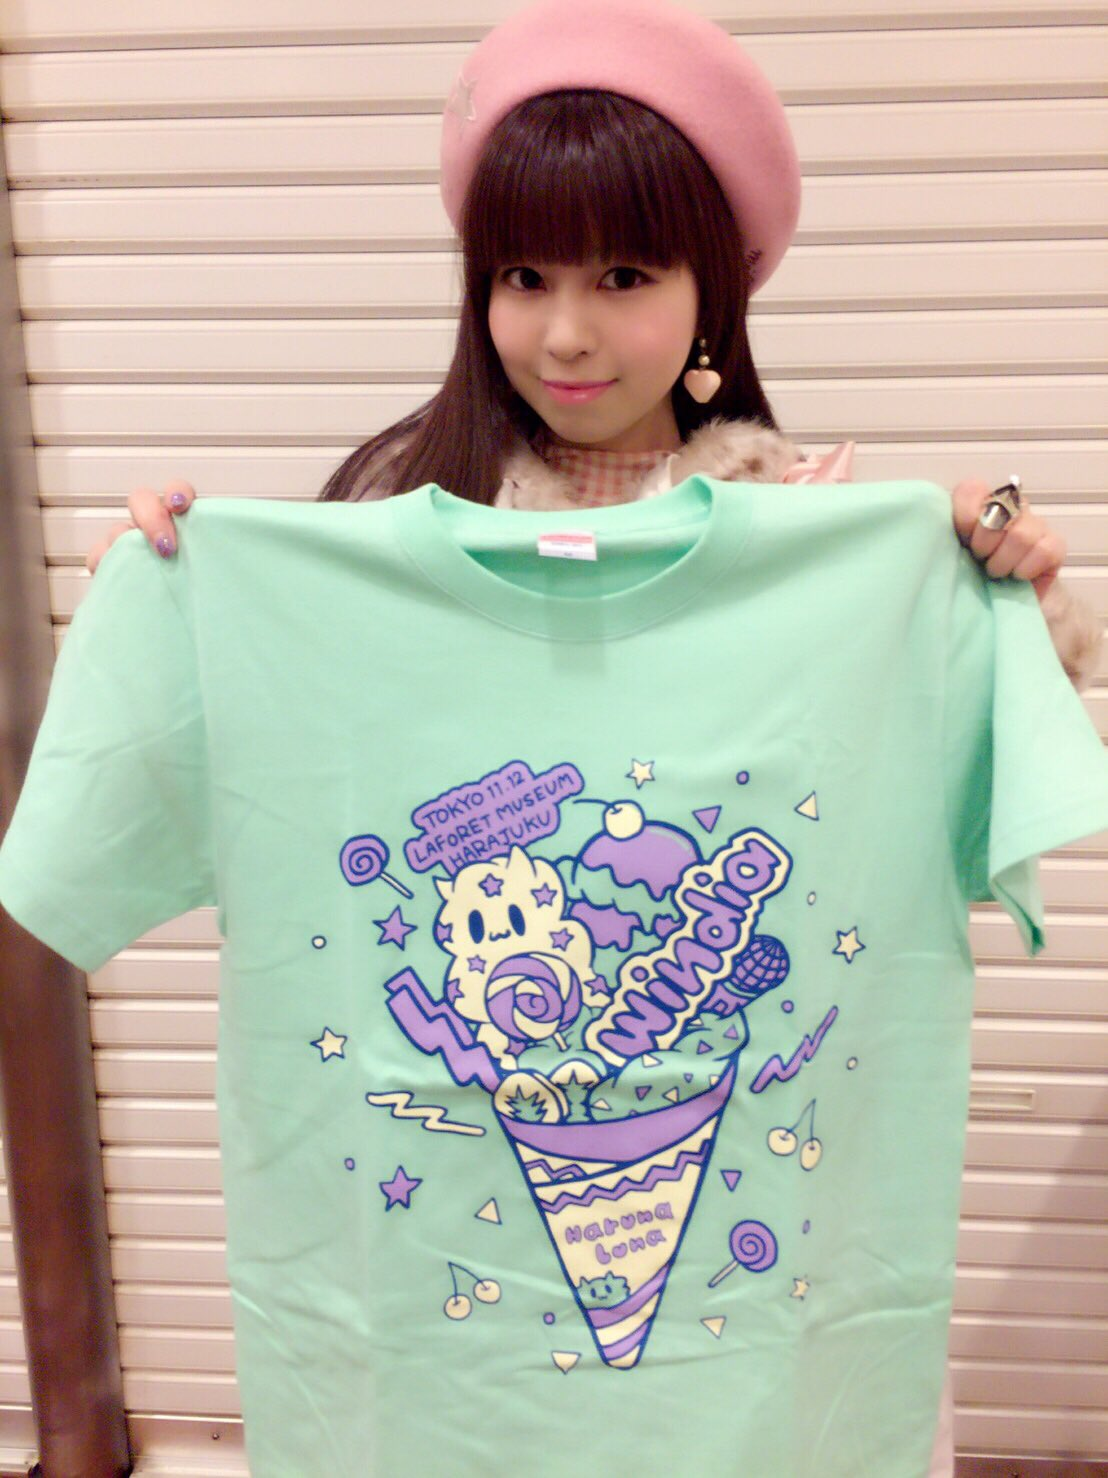 2016/11/8 のツイート「原宿バージョンのご当地Tシャツ!ものすごくKAWAIIよ!みなみクレープ」